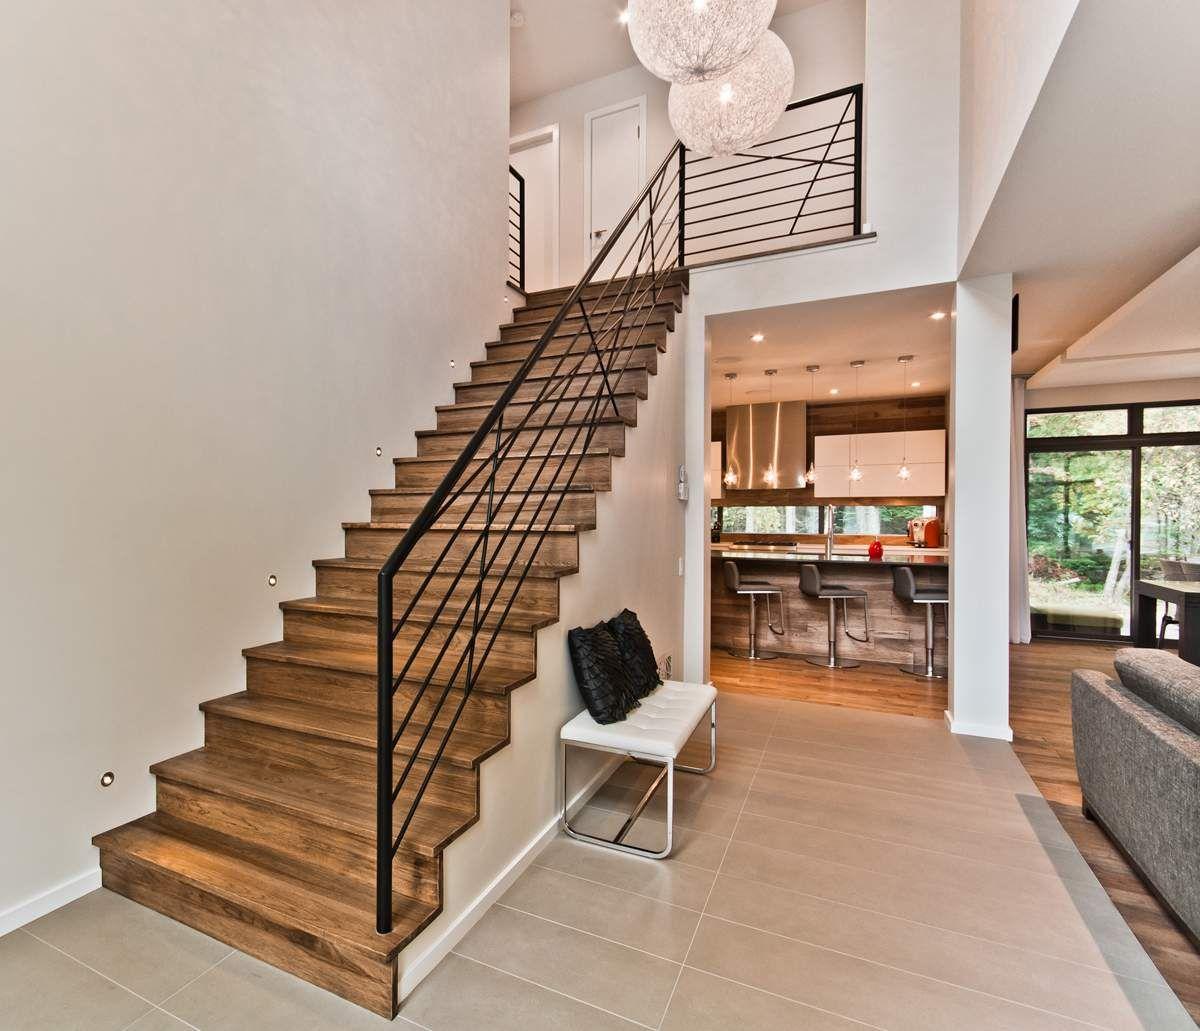 escalier bois hickory et m tal escaliers escalier bois. Black Bedroom Furniture Sets. Home Design Ideas